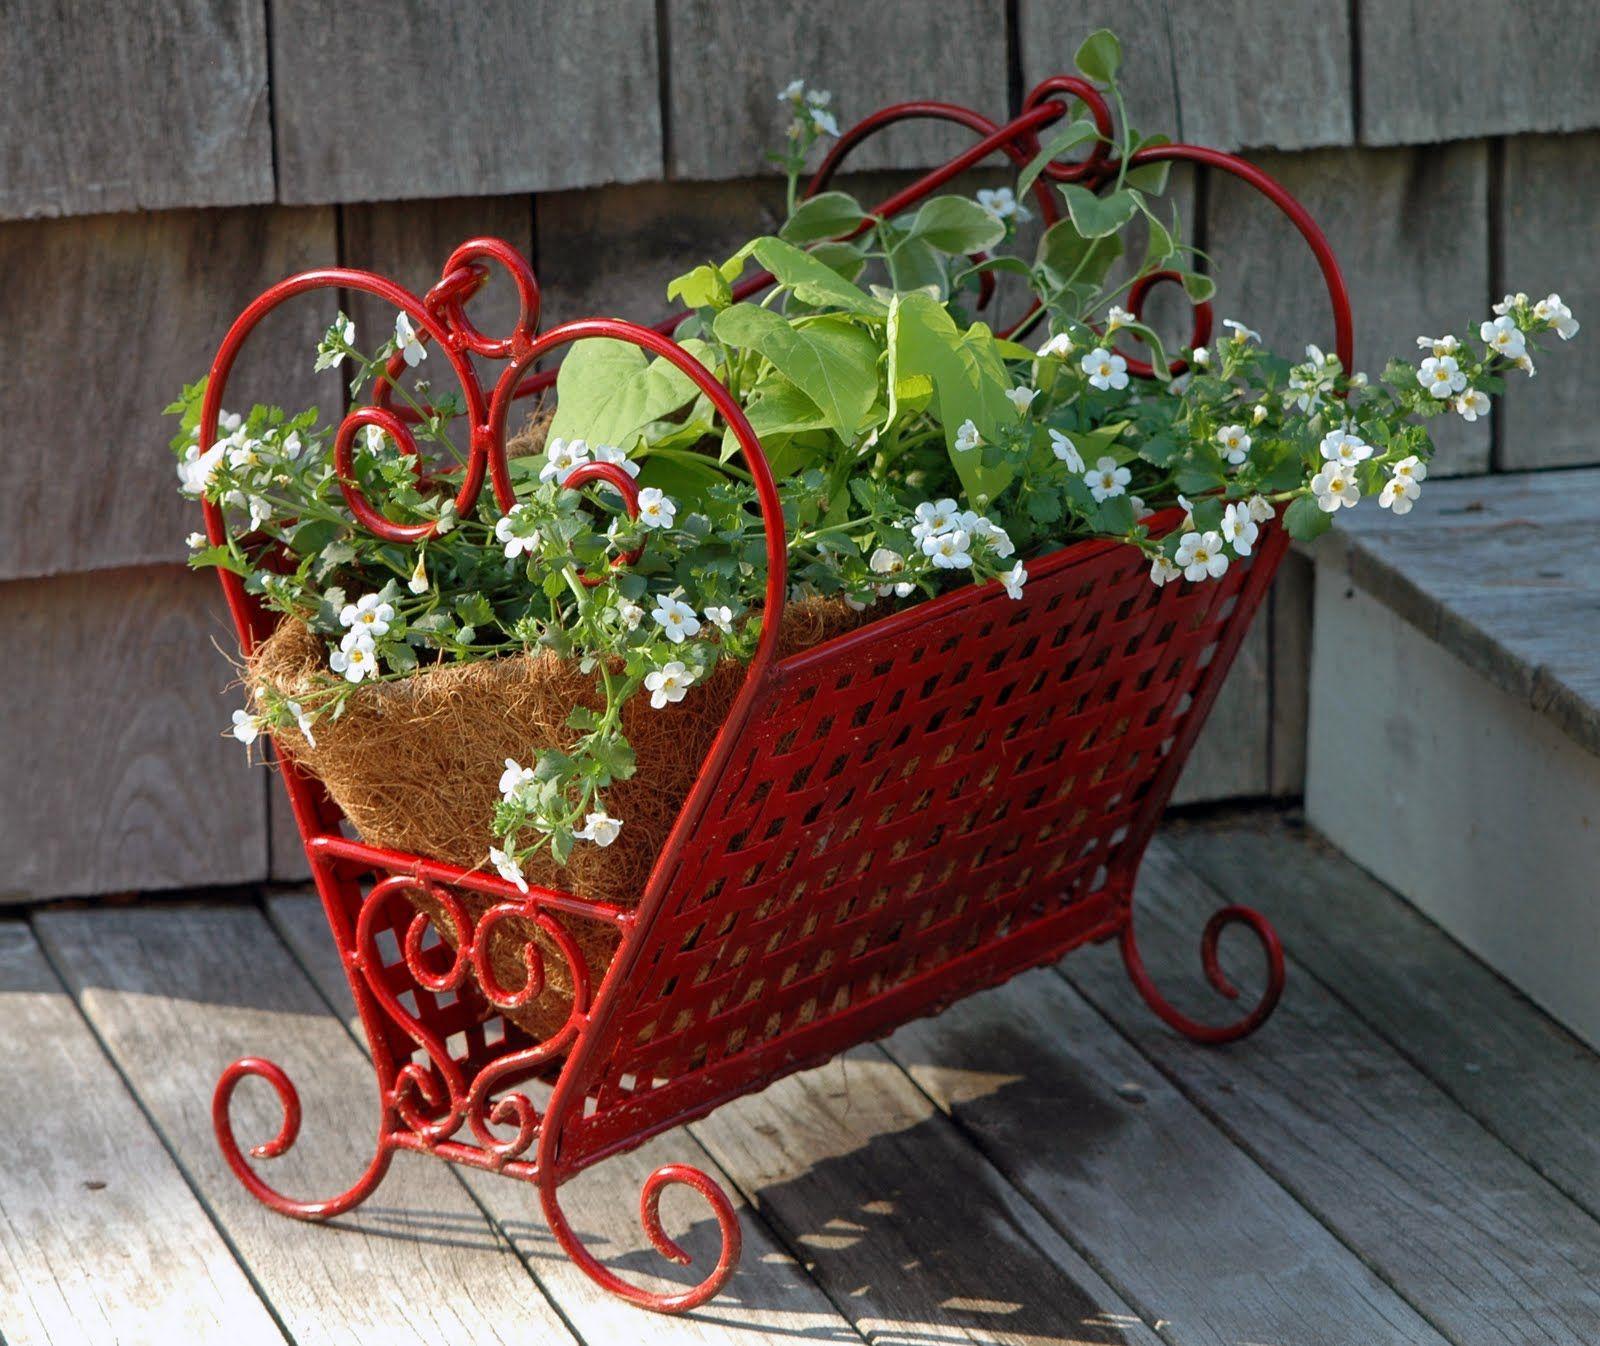 """Magazine rack turned planter/Garden Beauty/¸.♥¸¸.•*¨`*•✰.•´* •´* .•´*✰¸✿ """"Ťħĕ ßęśť Pļąćė 2 Ŝĕēķ Ğőď Ĩş Ĭŋ Å Ĝāŗďę'n..Ū Ĉąň Đĭģ 4 Ңĩm Ŧħėŗē!"""" ✿¸.♥¸¸.•*¨`*•✰.•´* •´* .•´*✰¸  ℓღvє"""